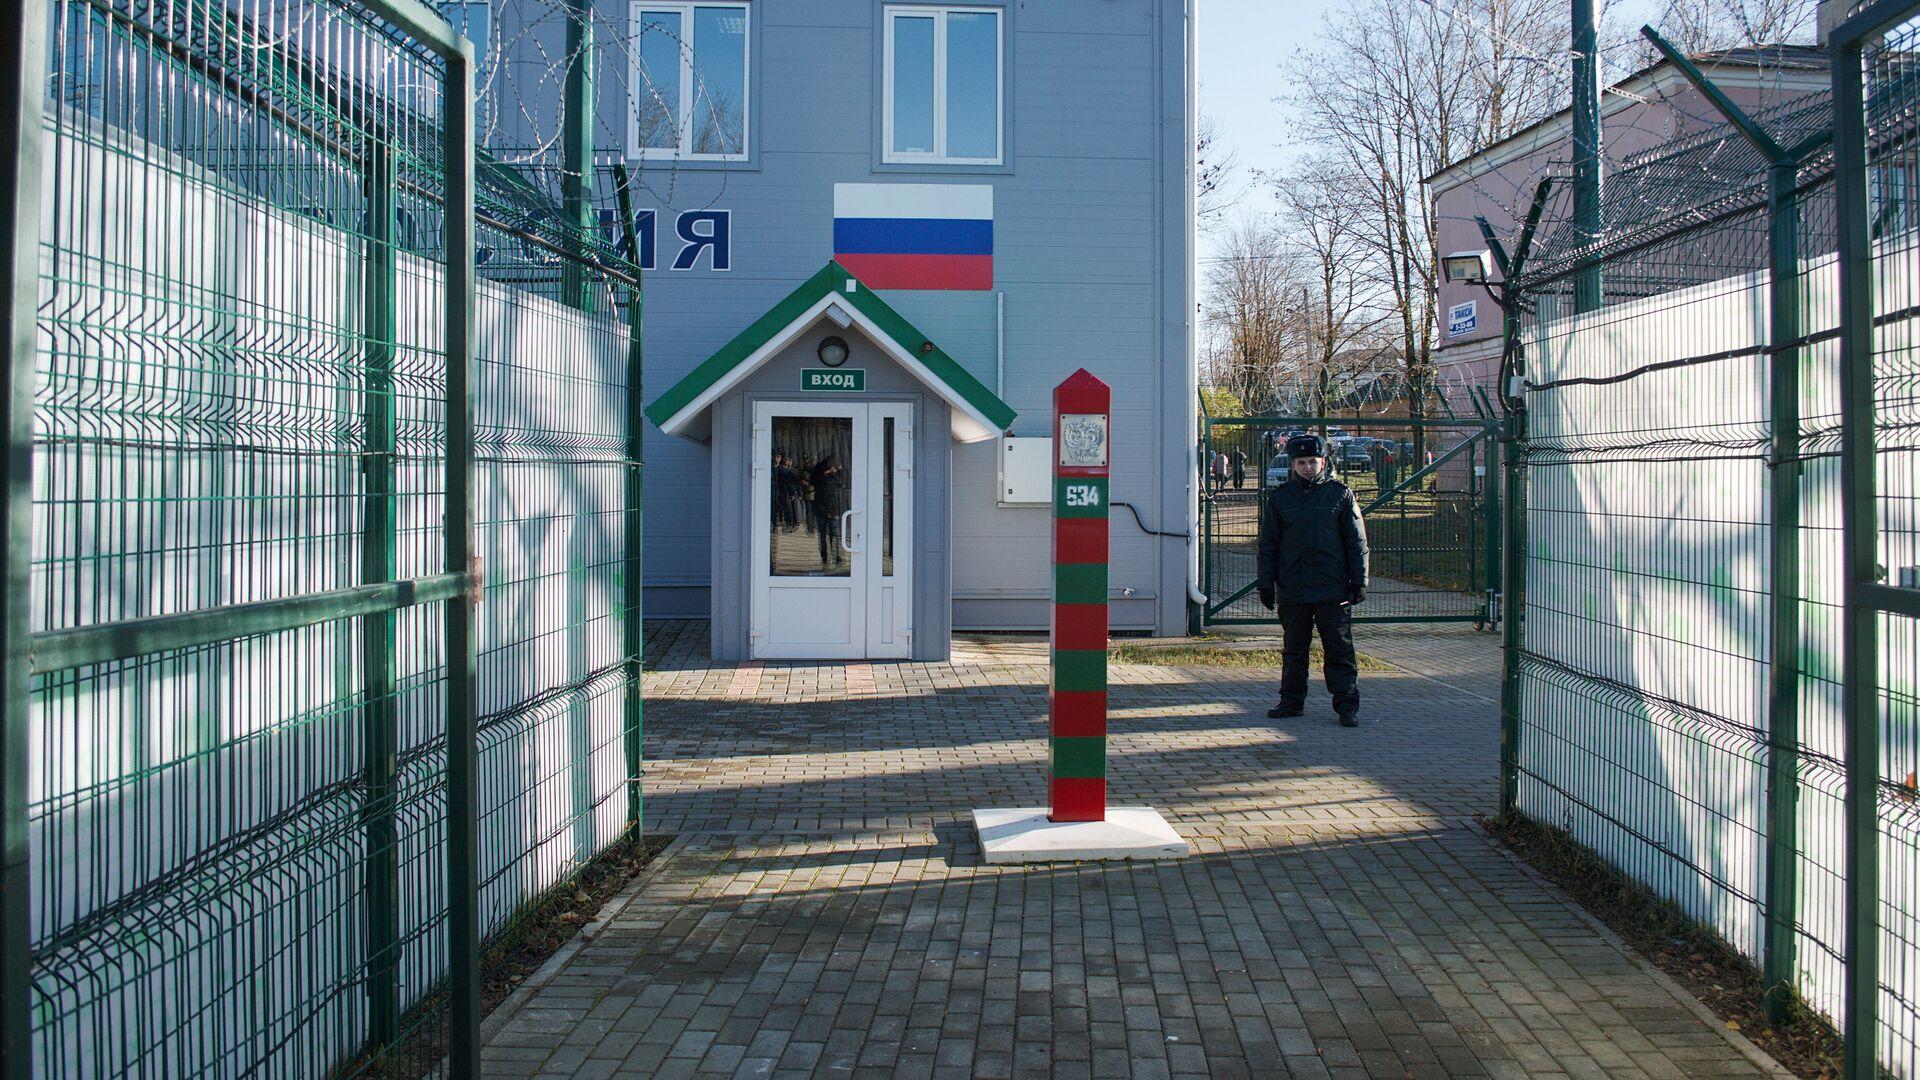 Пешеходный КПП Нарва-2 открылся на границе РФ и Эстонии - РИА Новости, 1920, 24.02.2021